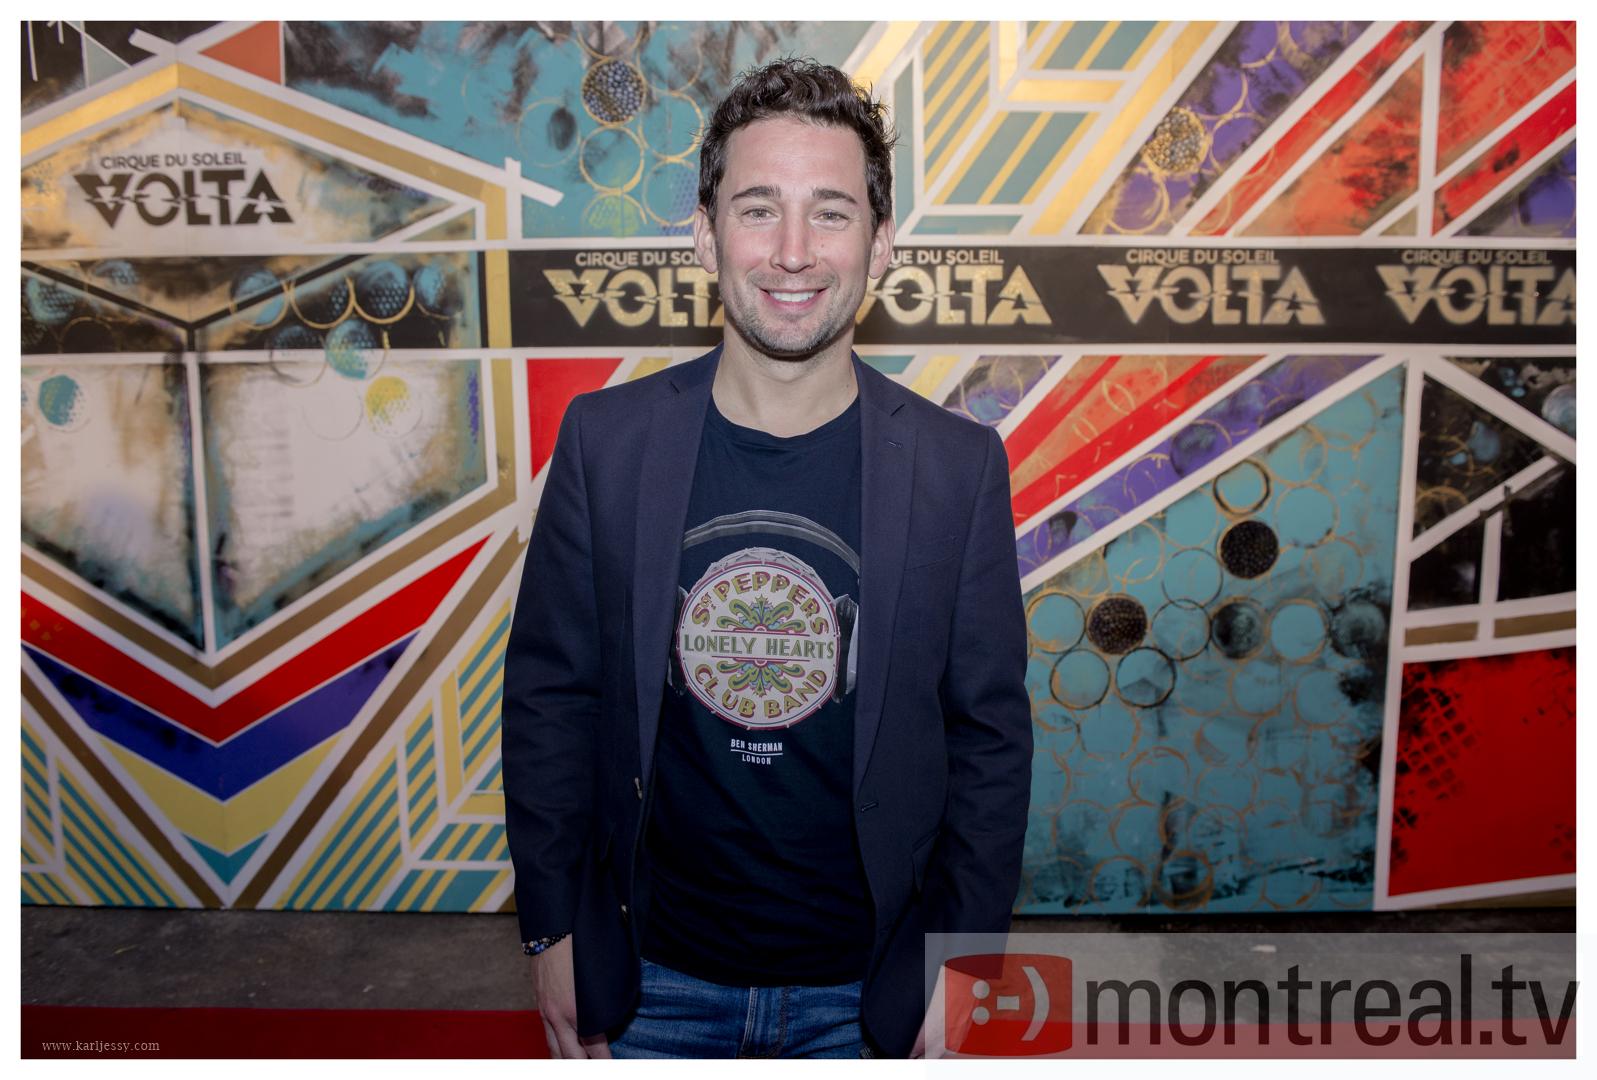 Jean Francois Baril _RedCarpet_MontrealTV_VOLTA_RedCarpet_MontrealTV_0003